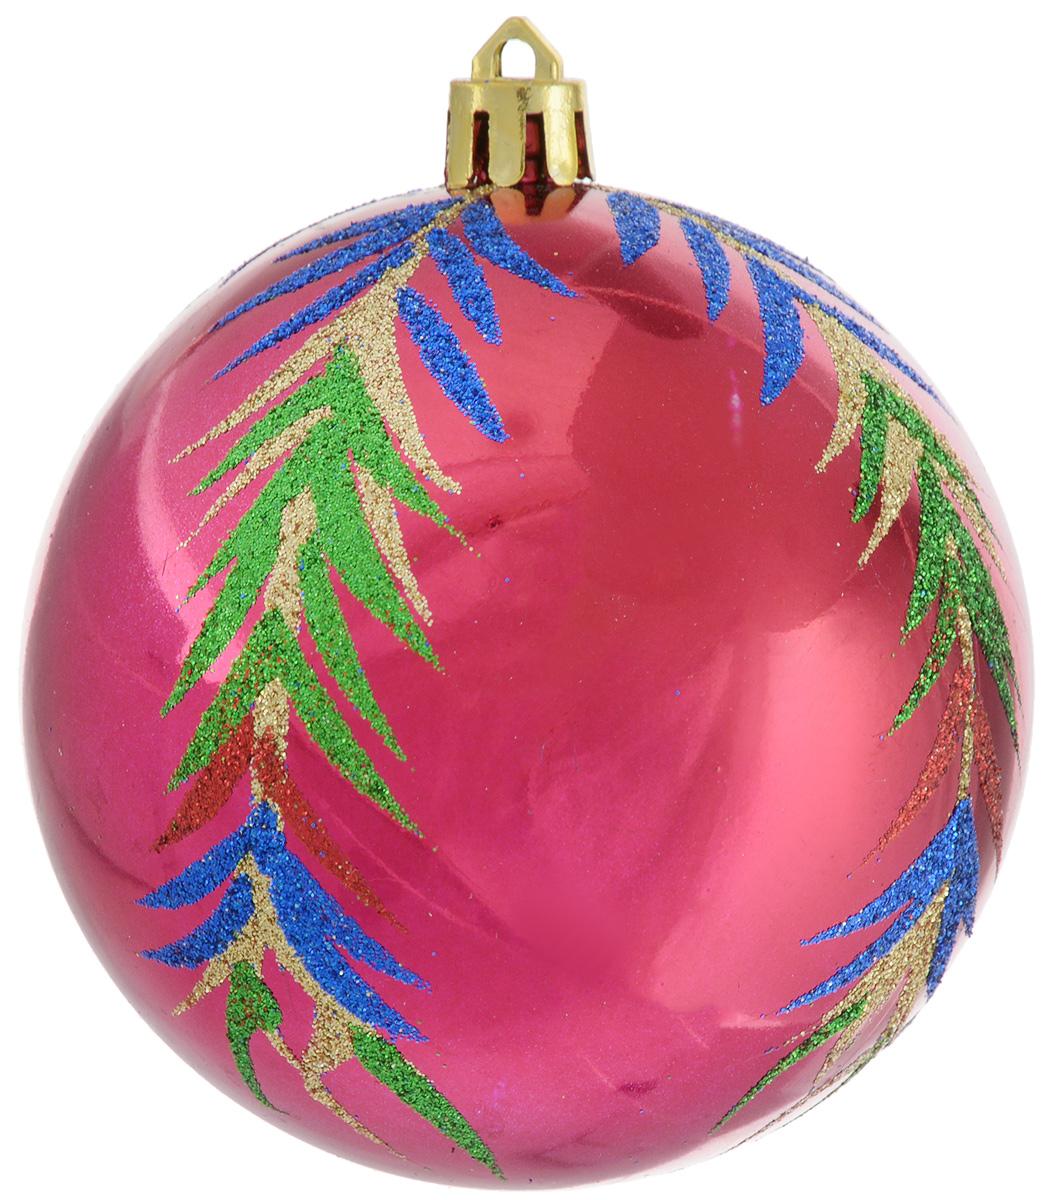 Украшение новогоднее подвесное Winter Wings Шар. Роспись, диаметр 8 смN181821Украшение новогоднее подвесное Winter Wings Шар. Роспись прекрасно подойдет для праздничного декора новогодней ели. Изделие выполнено из пластика и декорировано красивым узором из блесток. Для удобного размещения на елке предусмотрено отверстие для текстильной веревочки. Елочная игрушка - символ Нового года. Она несет в себе волшебство и красоту праздника. Создайте в своем доме атмосферу веселья и радости, украшая новогоднюю елку нарядными игрушками, которые будут из года в год накапливать теплоту воспоминаний.